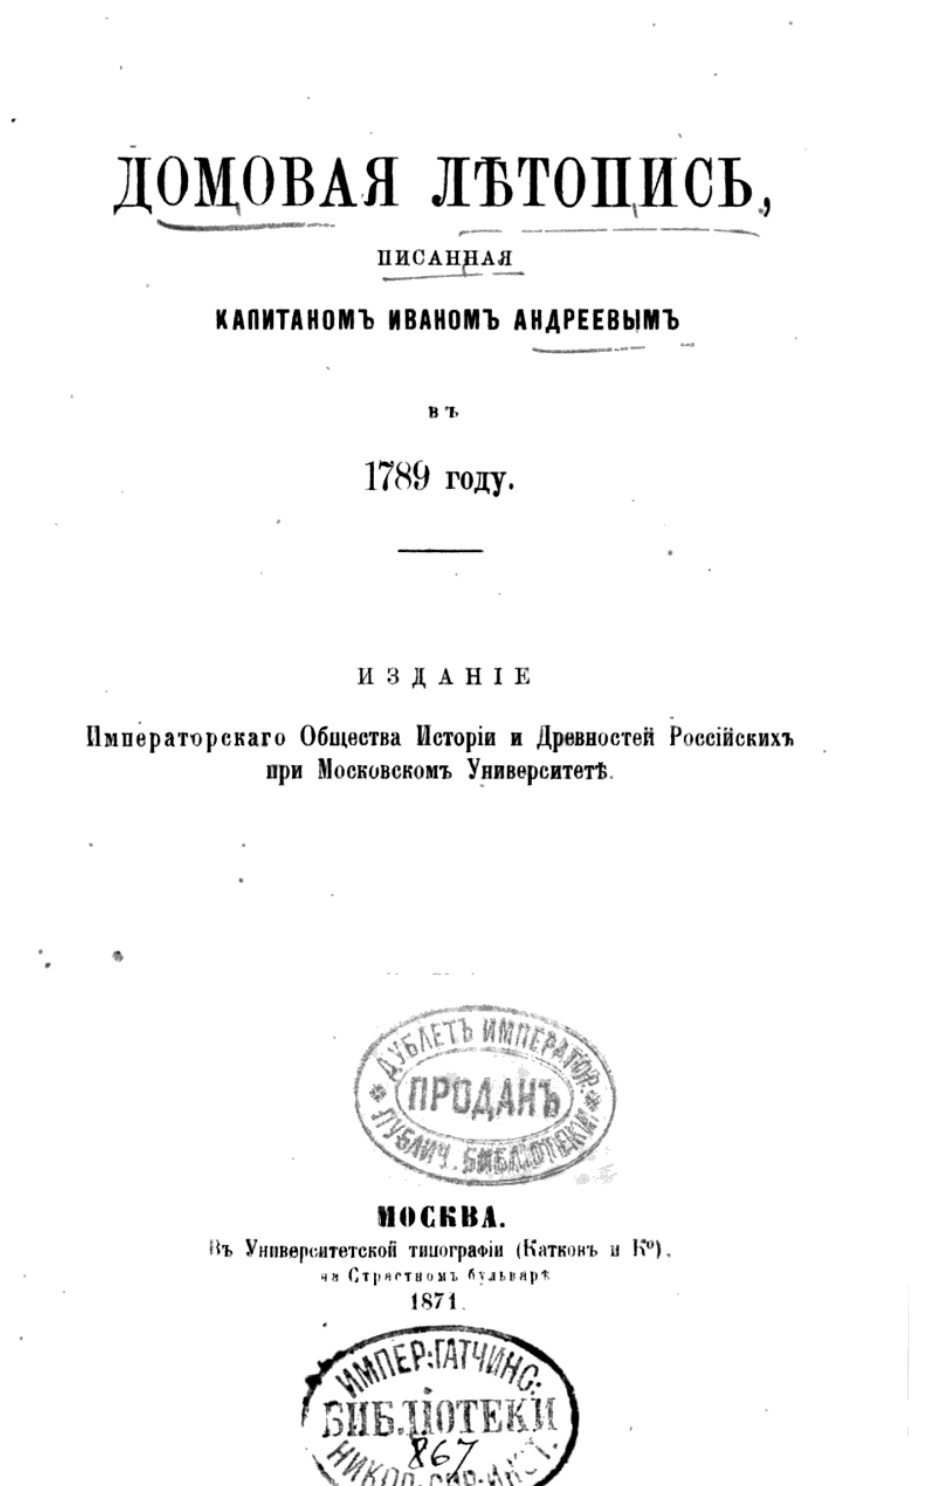 """""""Домовая летопись"""" Ивана Андреева"""